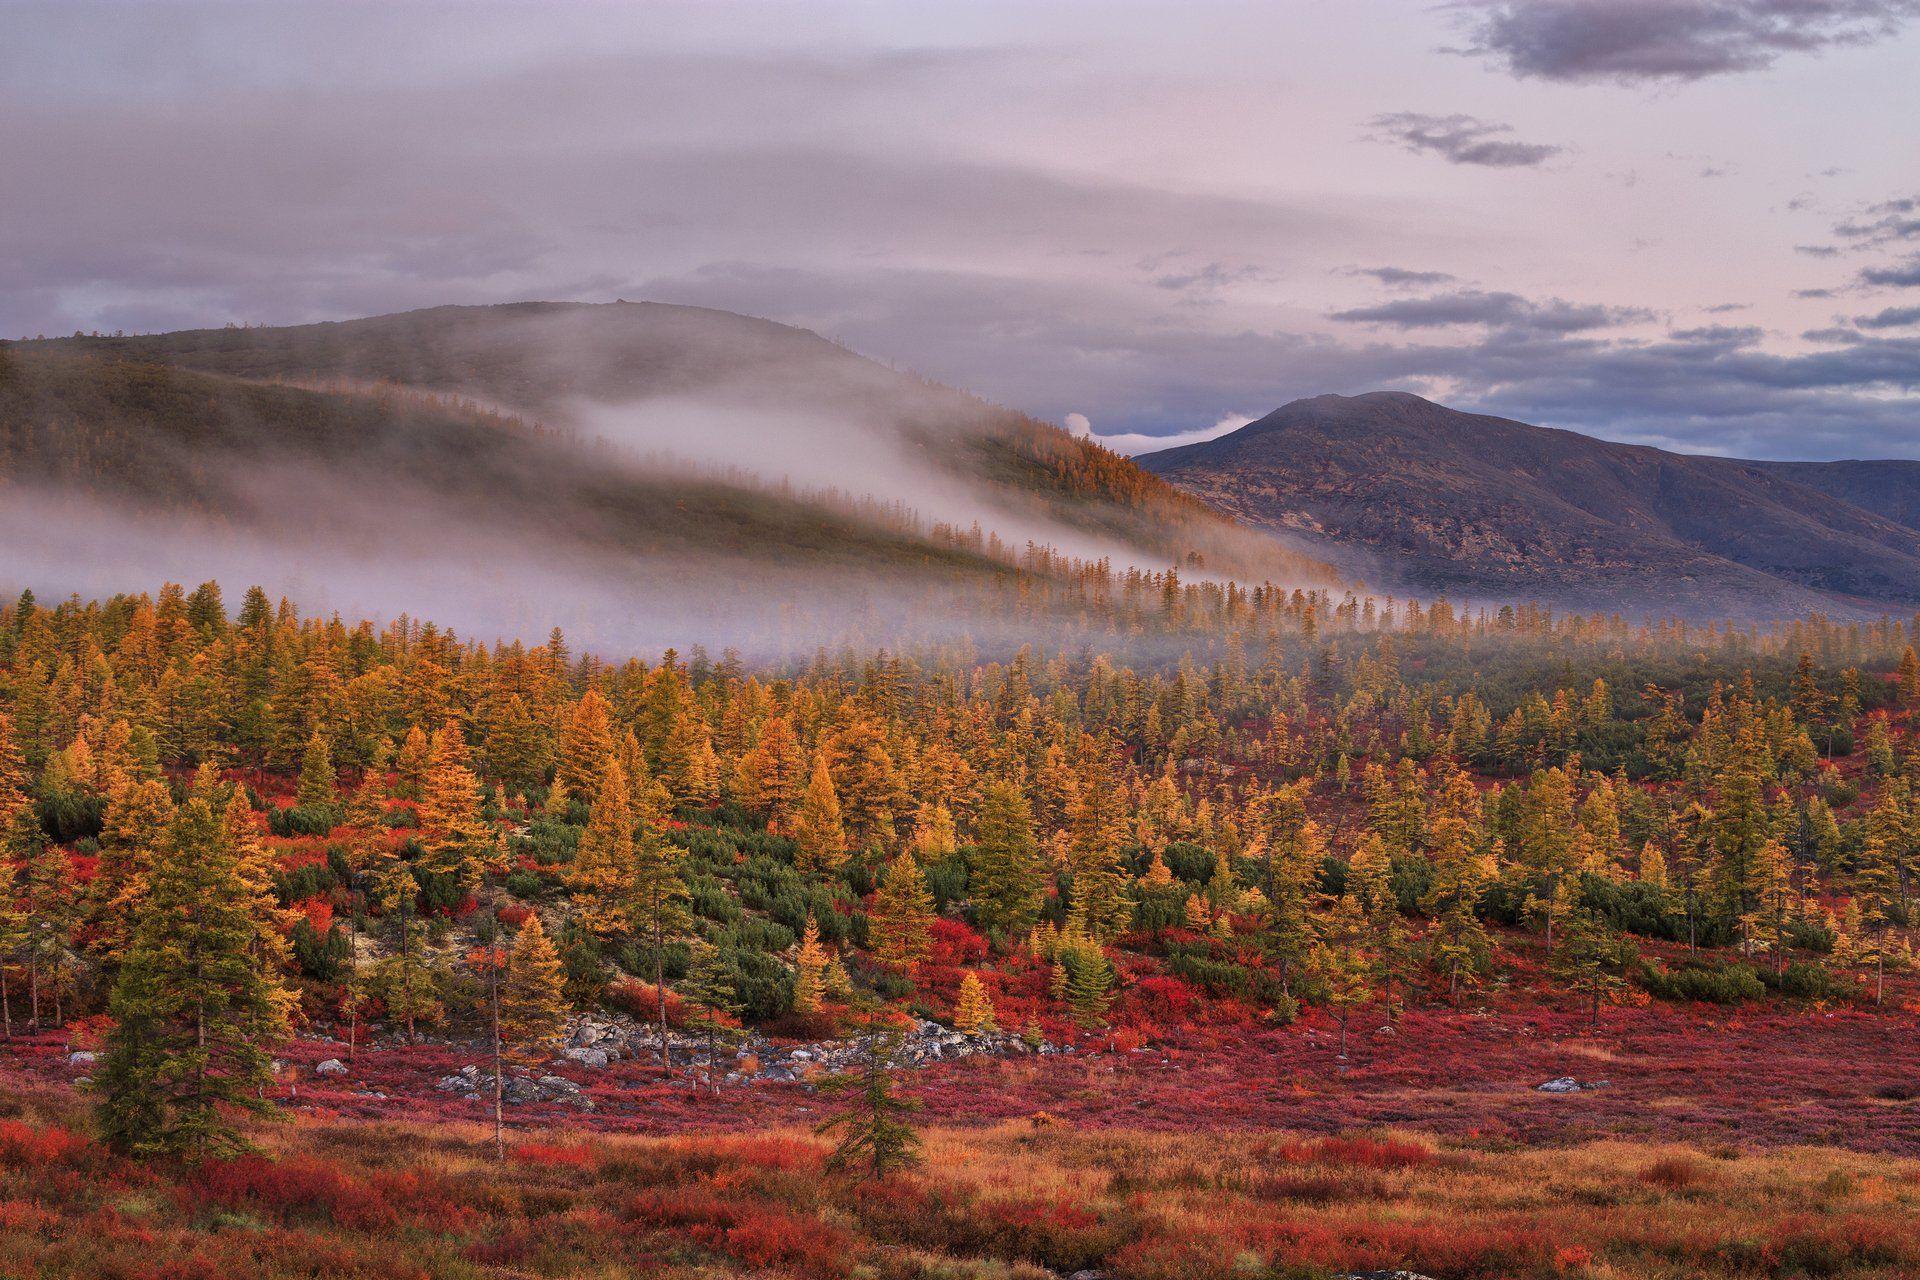 2018, россия, колыма, утро, краски, осень, горы, лиственницы, туман, тучи, деревья, Лукьяненко Денис